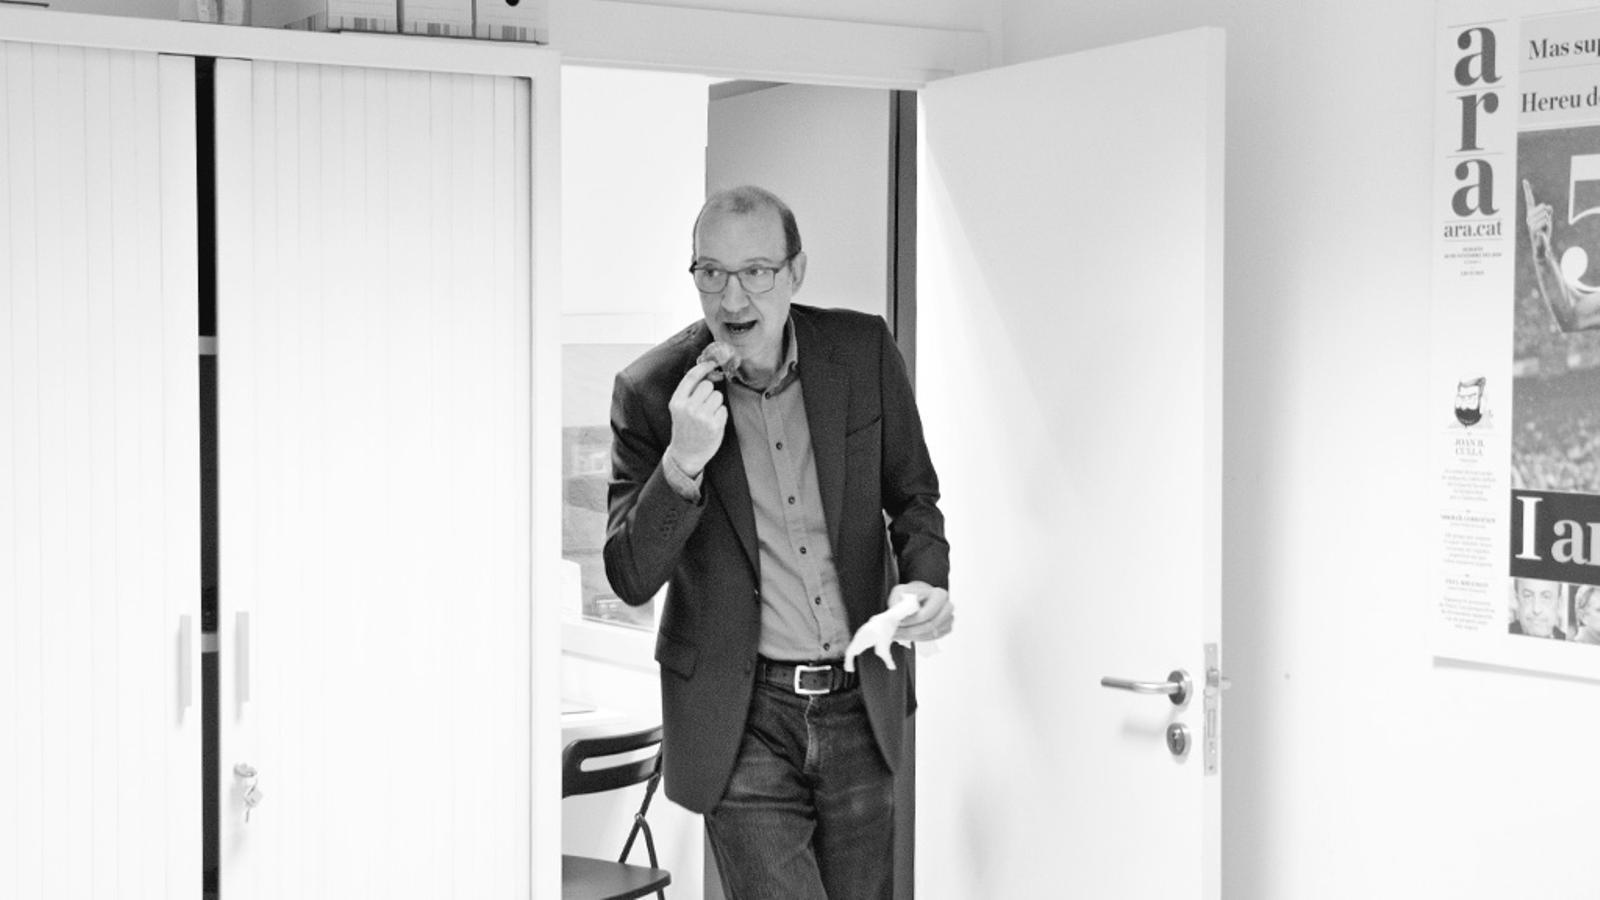 L'editorial d'Antoni Bassas: La responsabilitat dels negociadors (04/11/15)